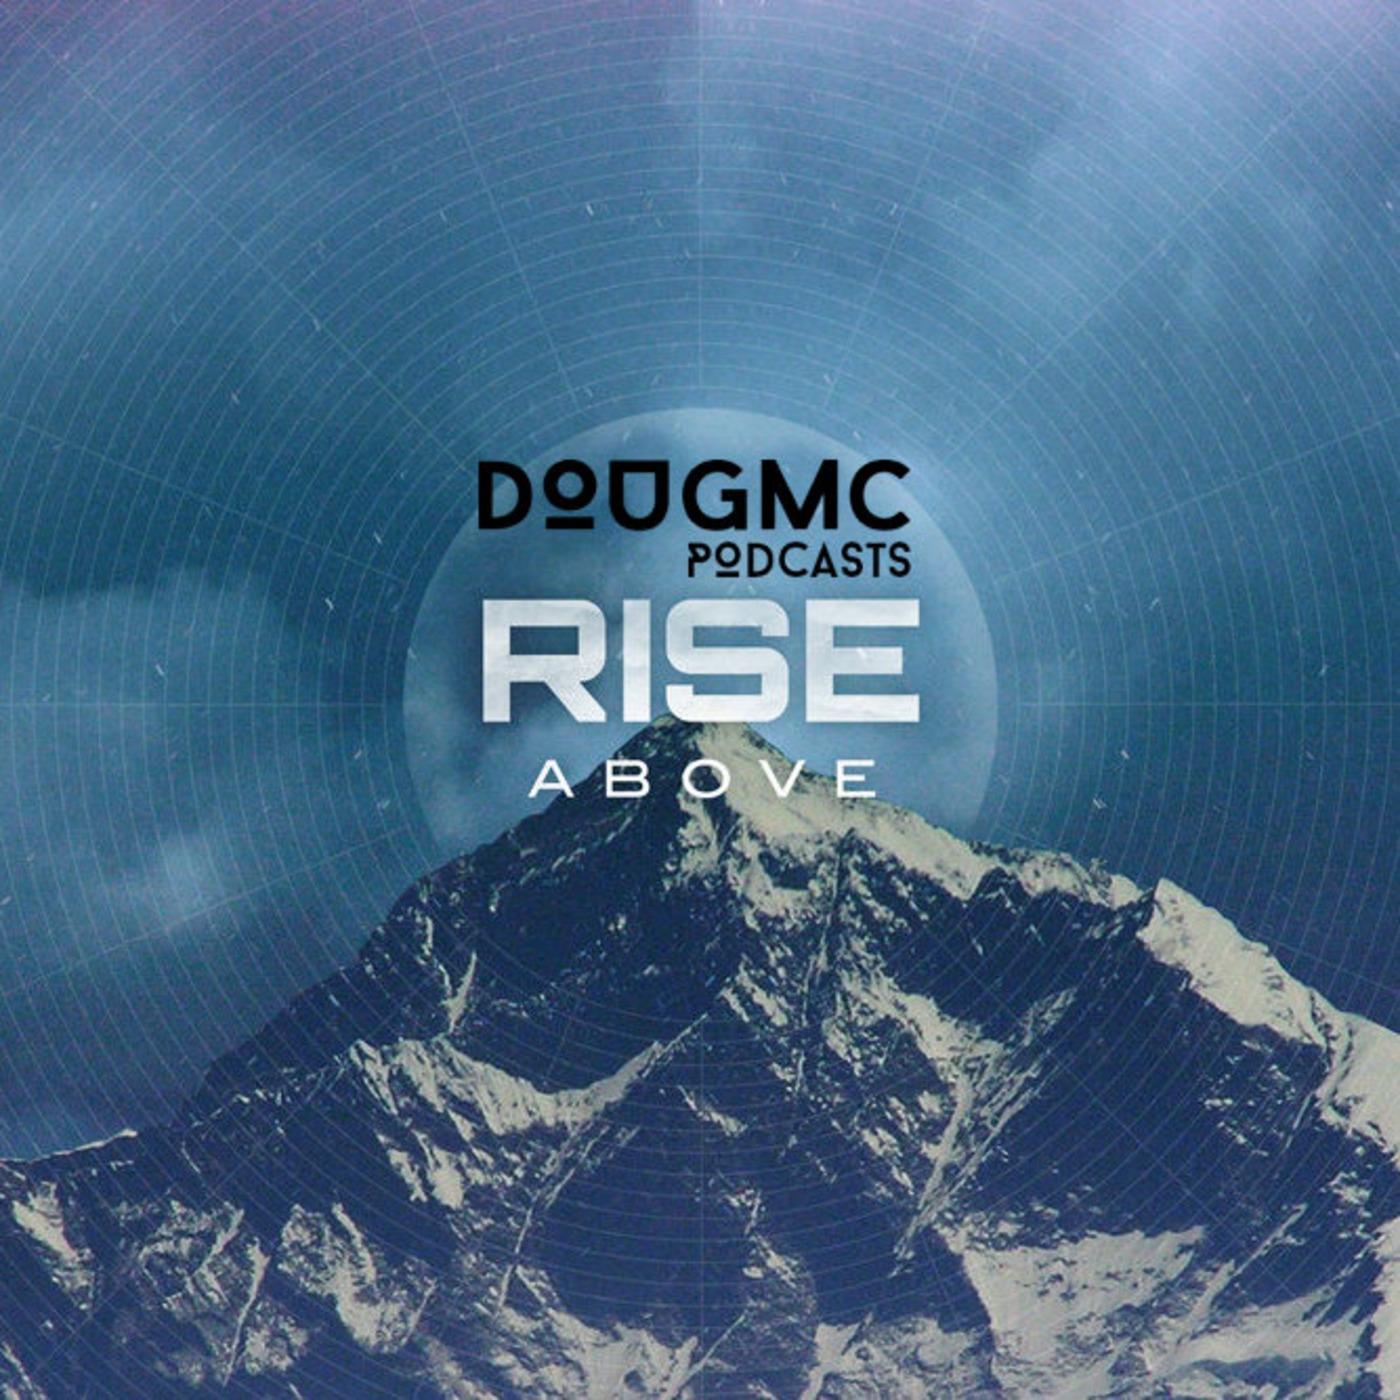 Rise Above - Podcast By Dougmc DJ Dougmc Podcasts podcast